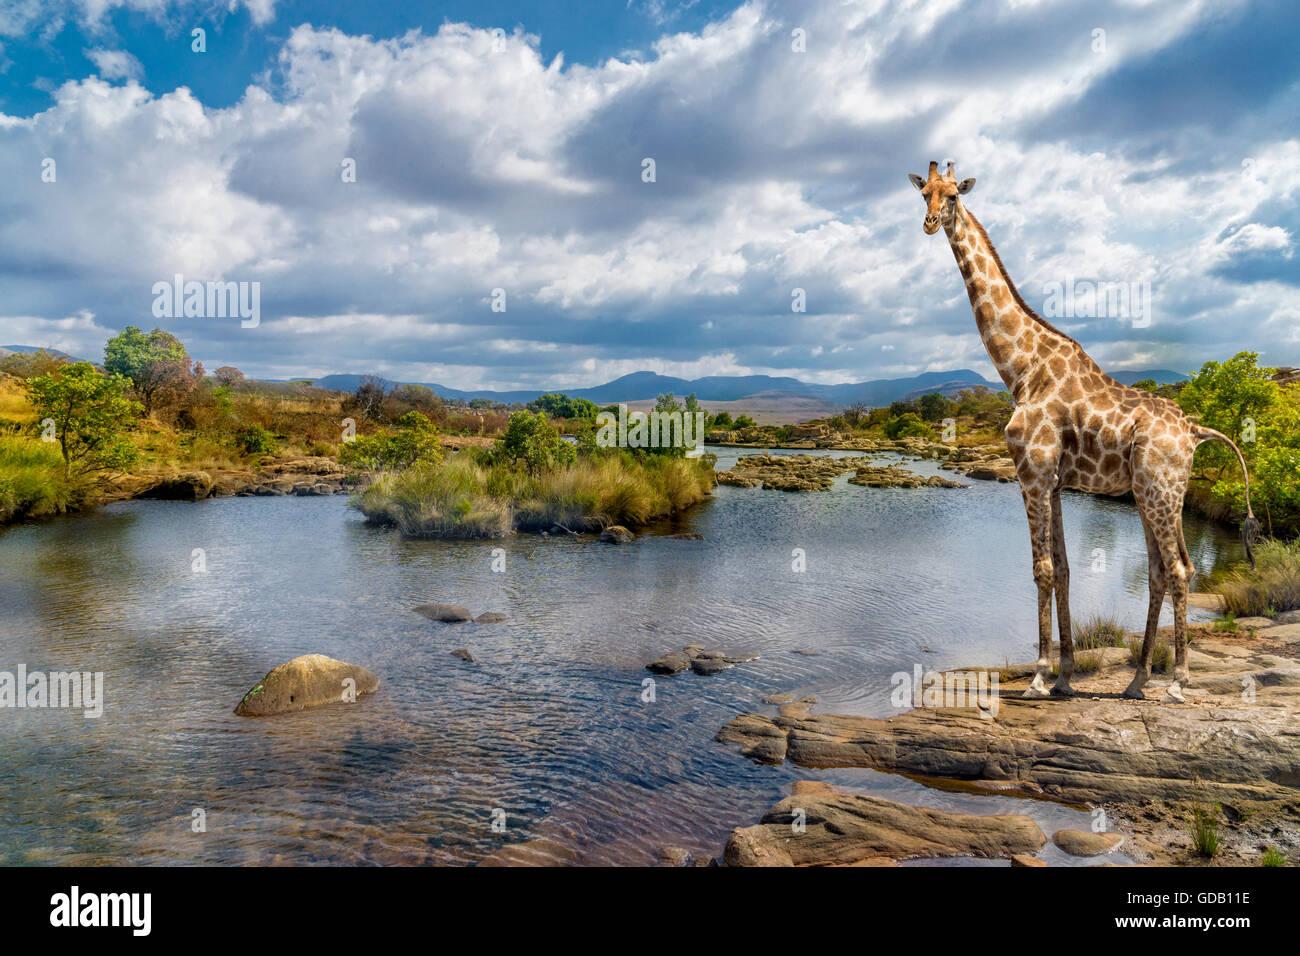 Il pittoresco colpo di una giraffa, in piedi presso la banca di fiume. Immagini Stock